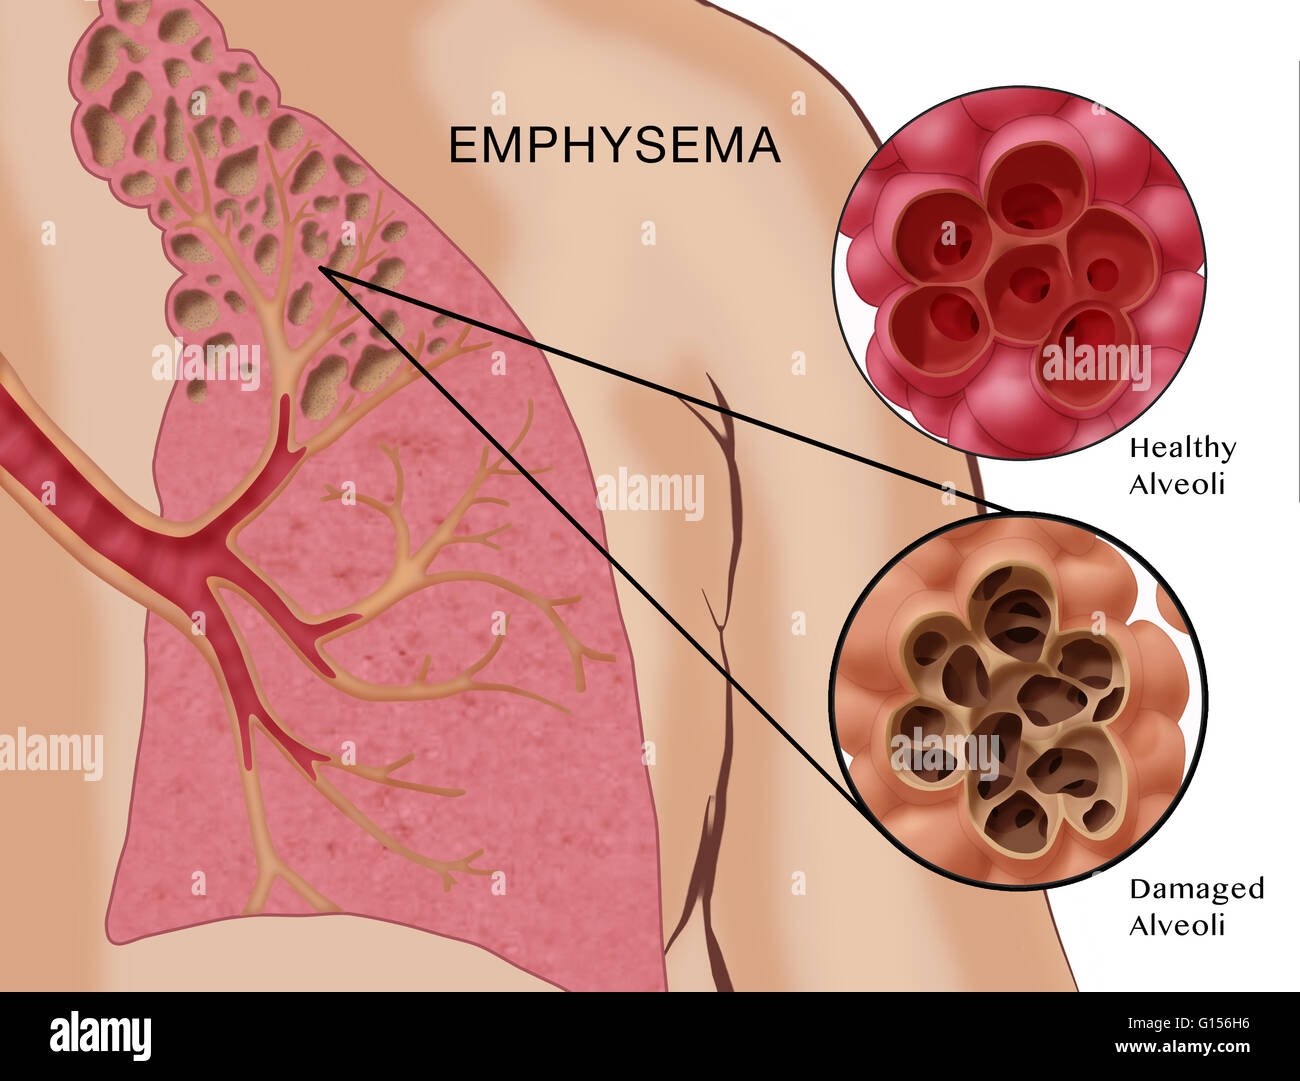 Ilustración mostrando el enfisema, una condición caracterizada por ...